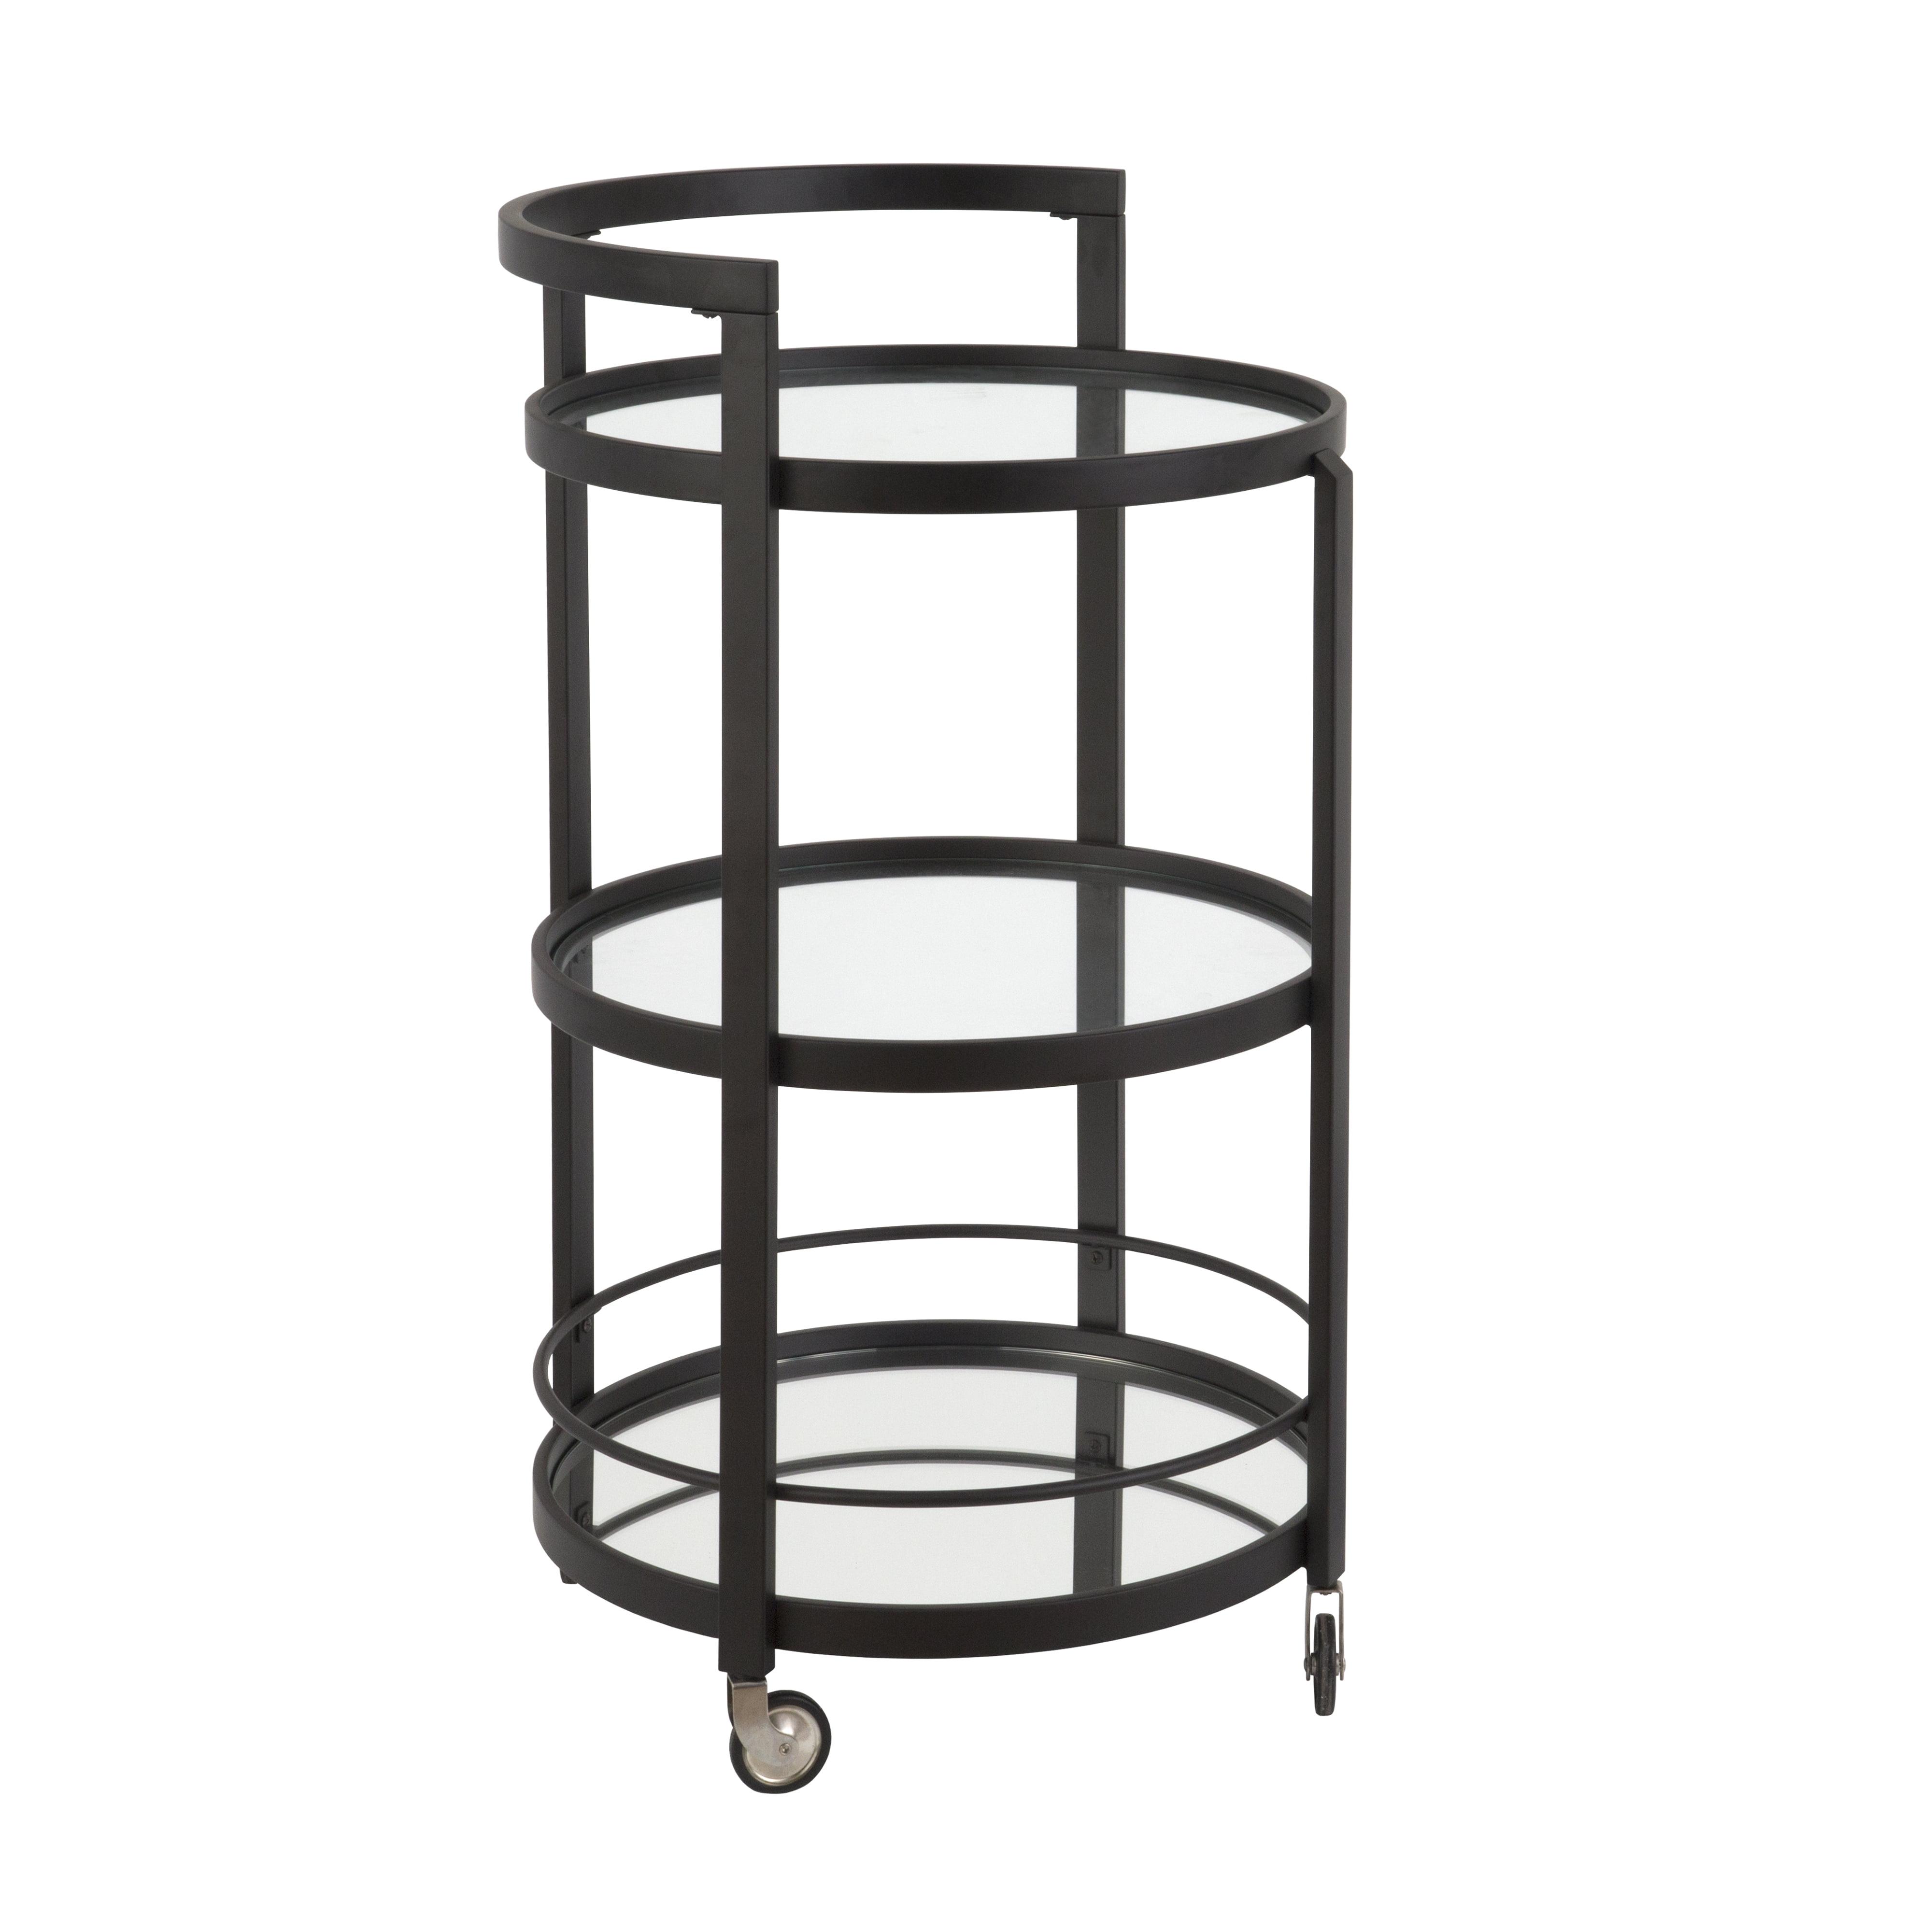 Hause mirrored bar cart in blackened bronze